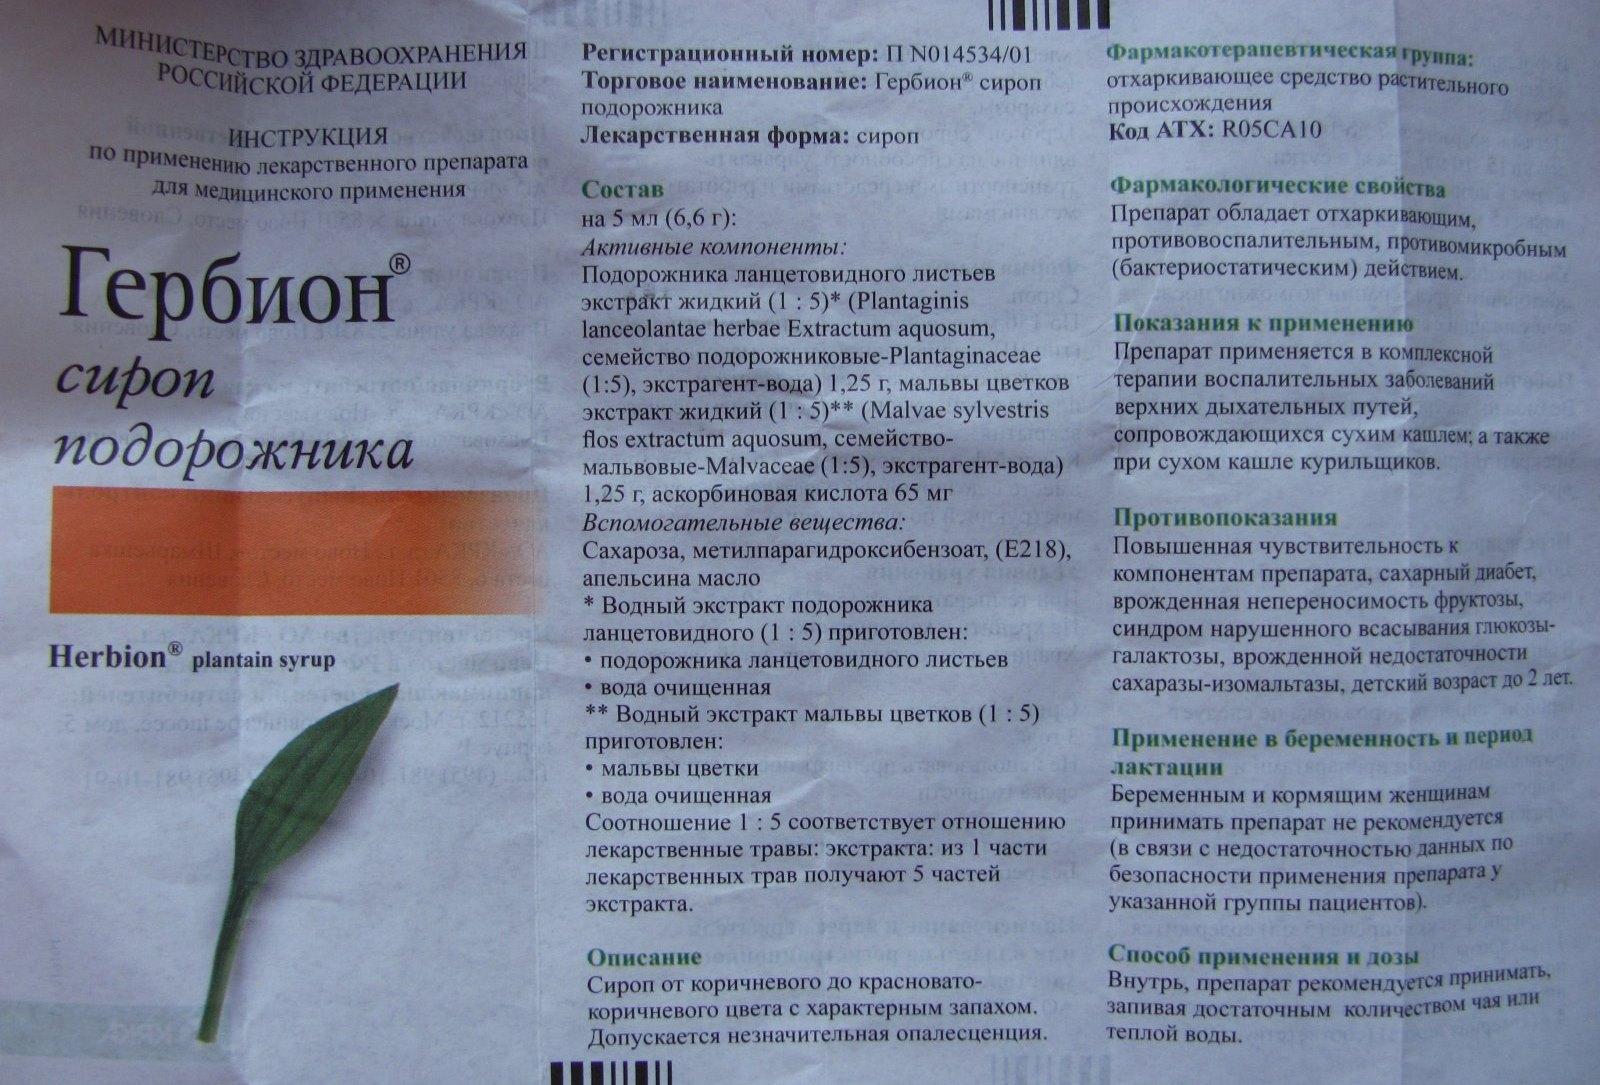 Гербион инструкция по применению: от сухого и влажного кашля pulmono.ru гербион инструкция по применению: от сухого и влажного кашля